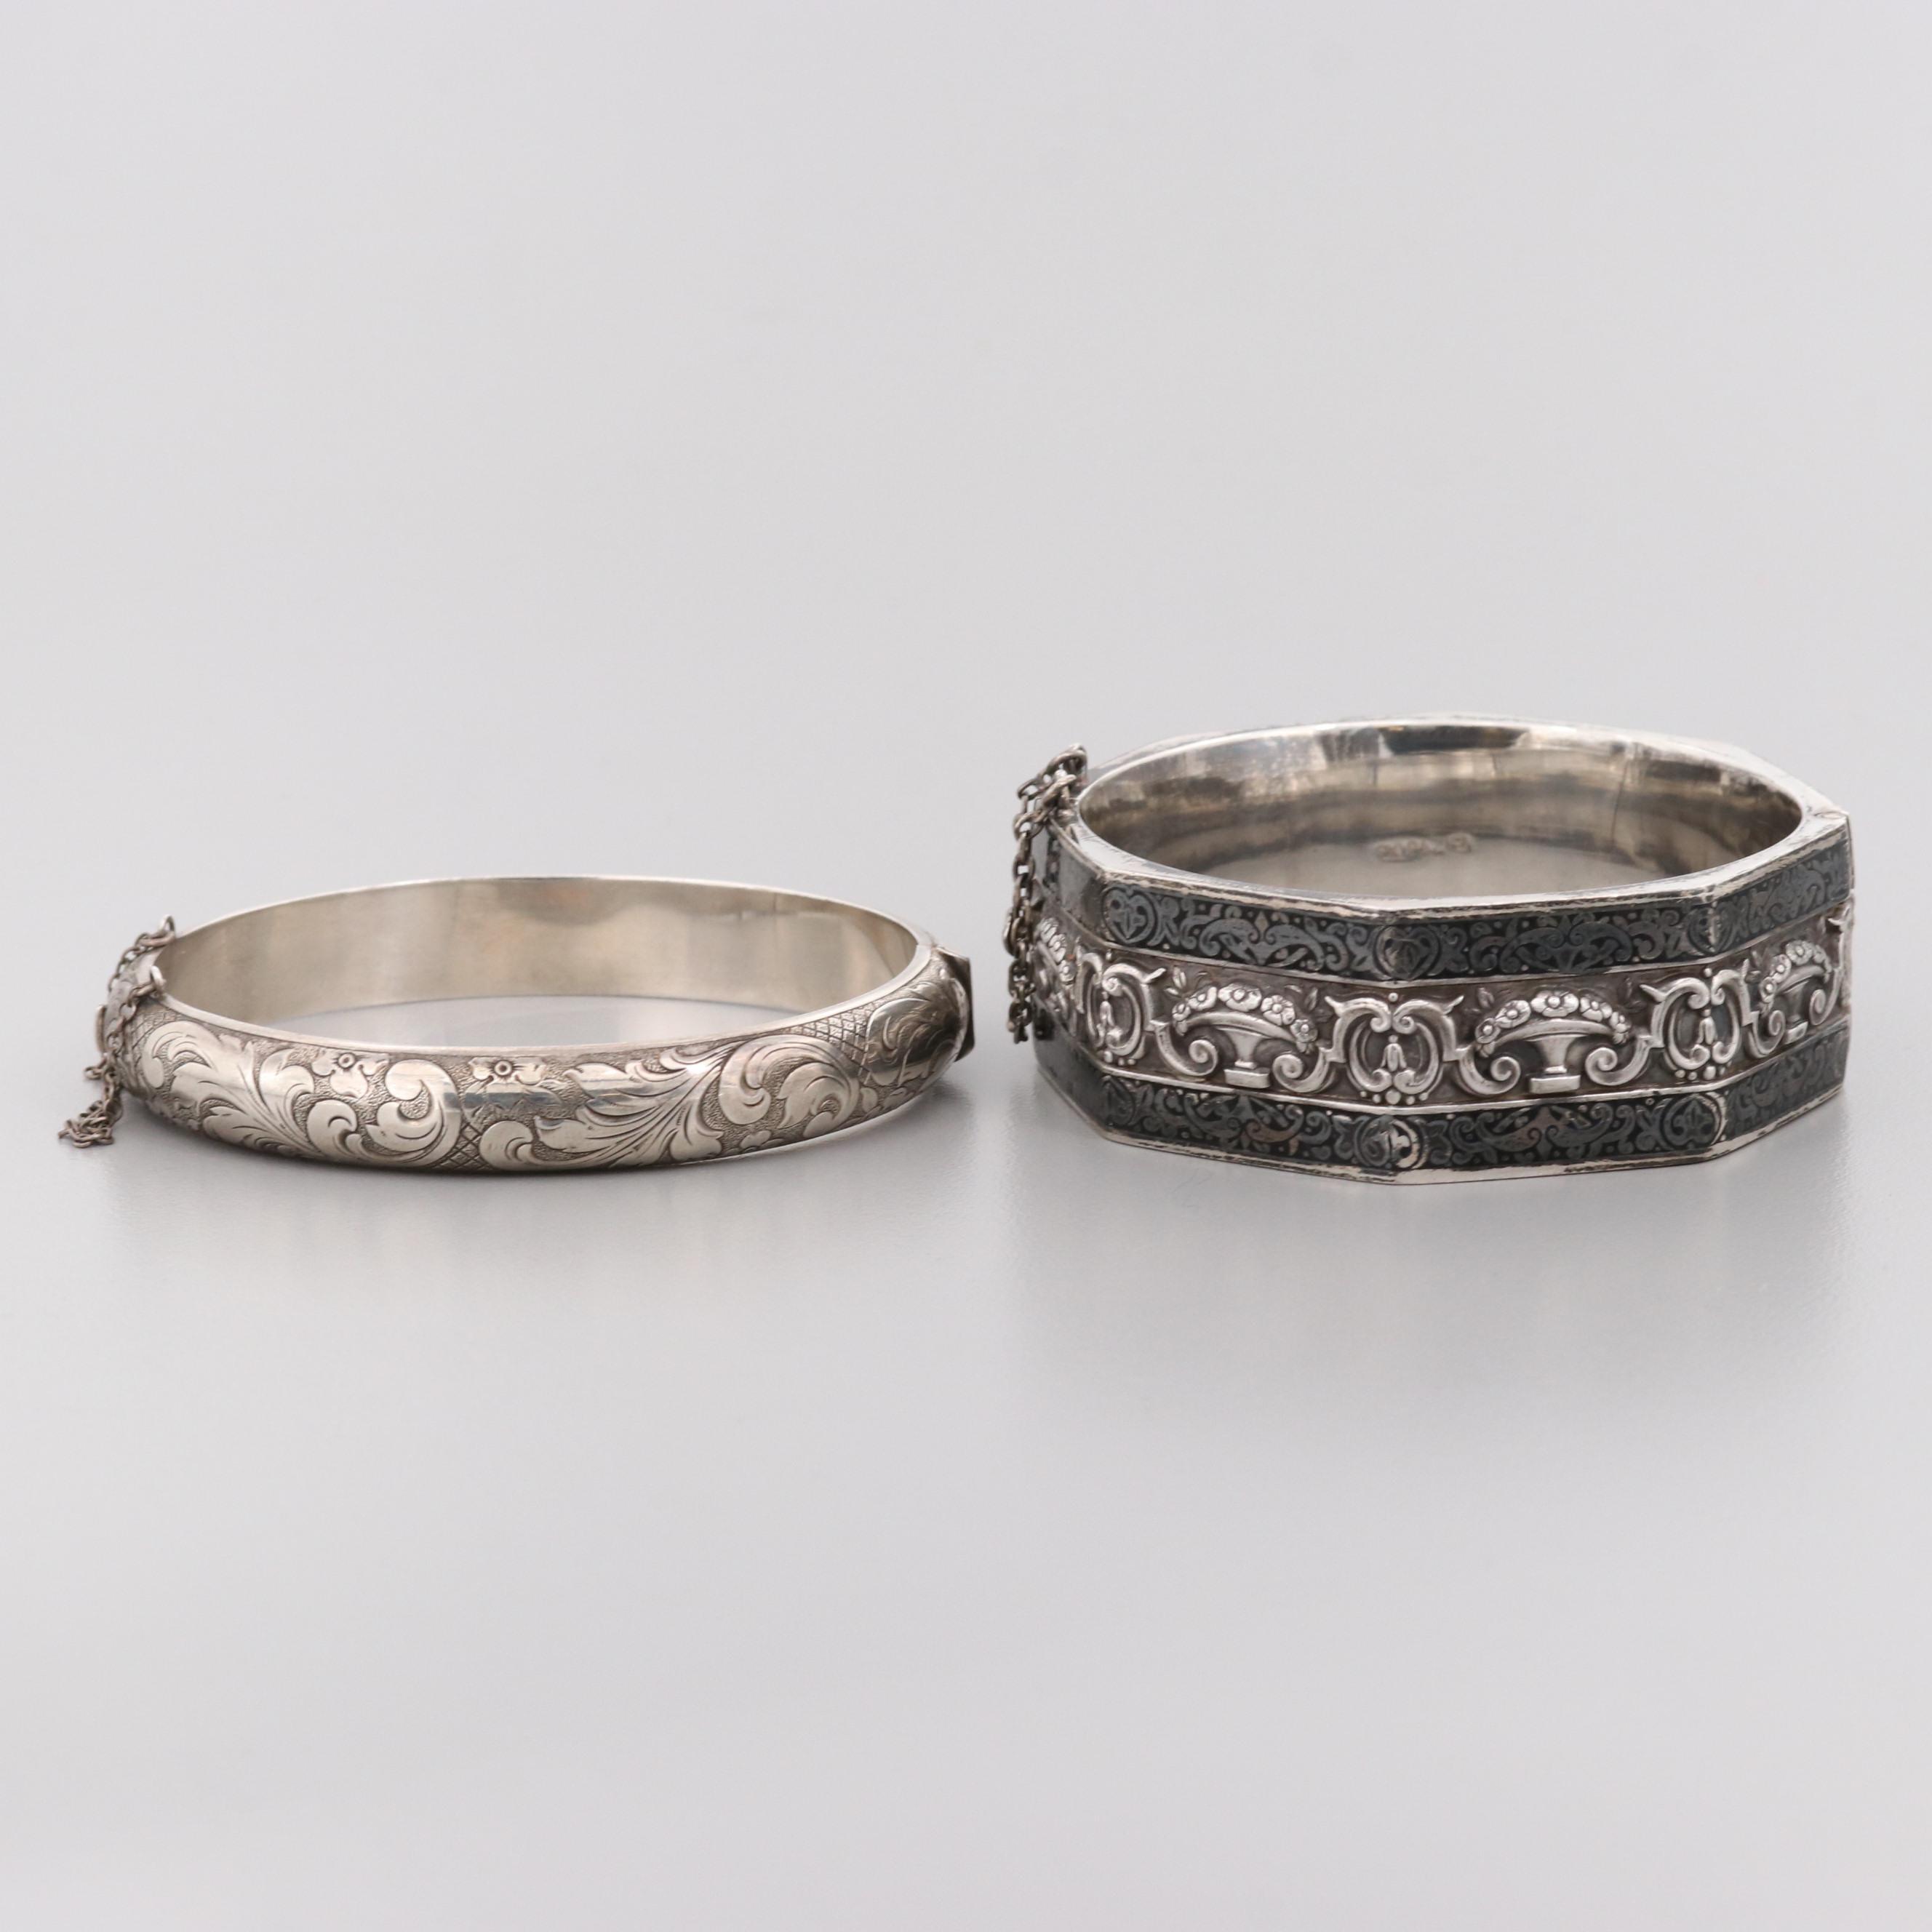 Topazio 835 Silver and 800 Silver Bangle Bracelets